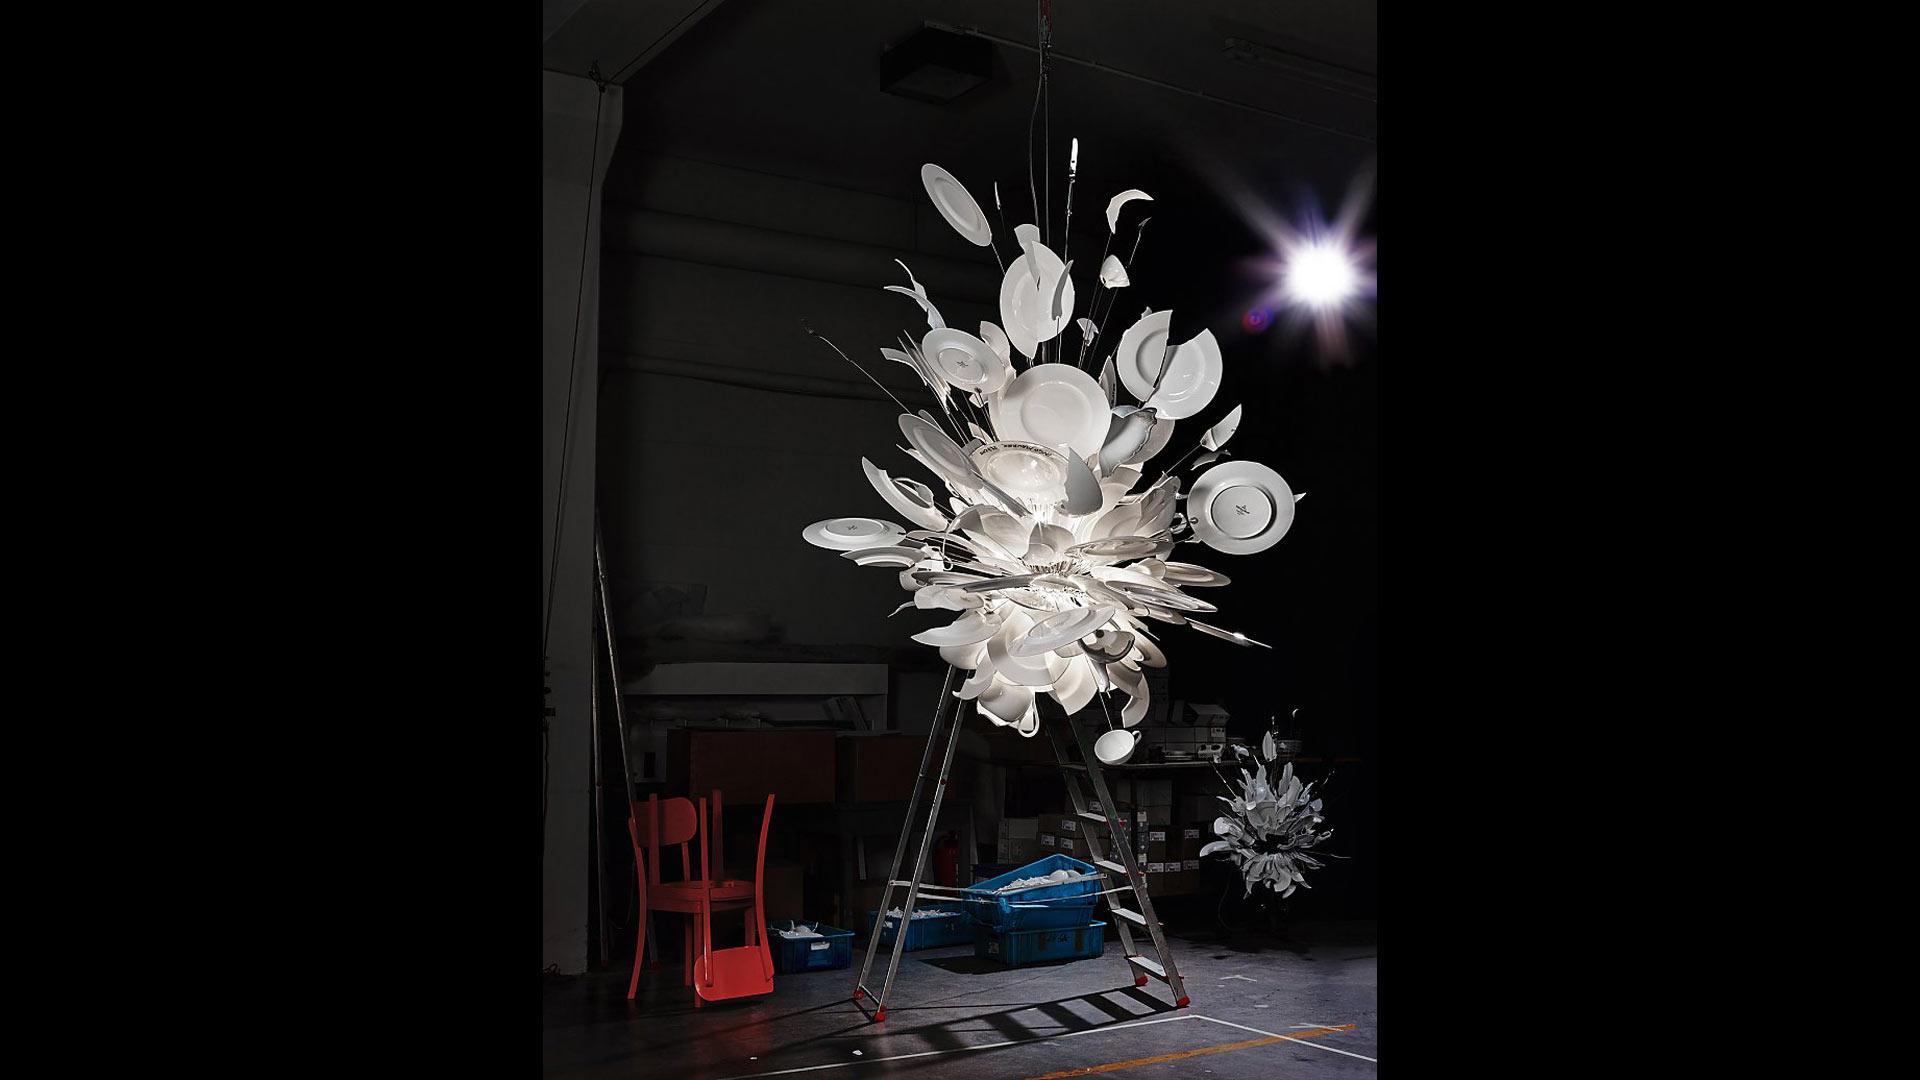 Ingo Maurer Porcamiseria | Lichtinstallationen, Lichtdesign